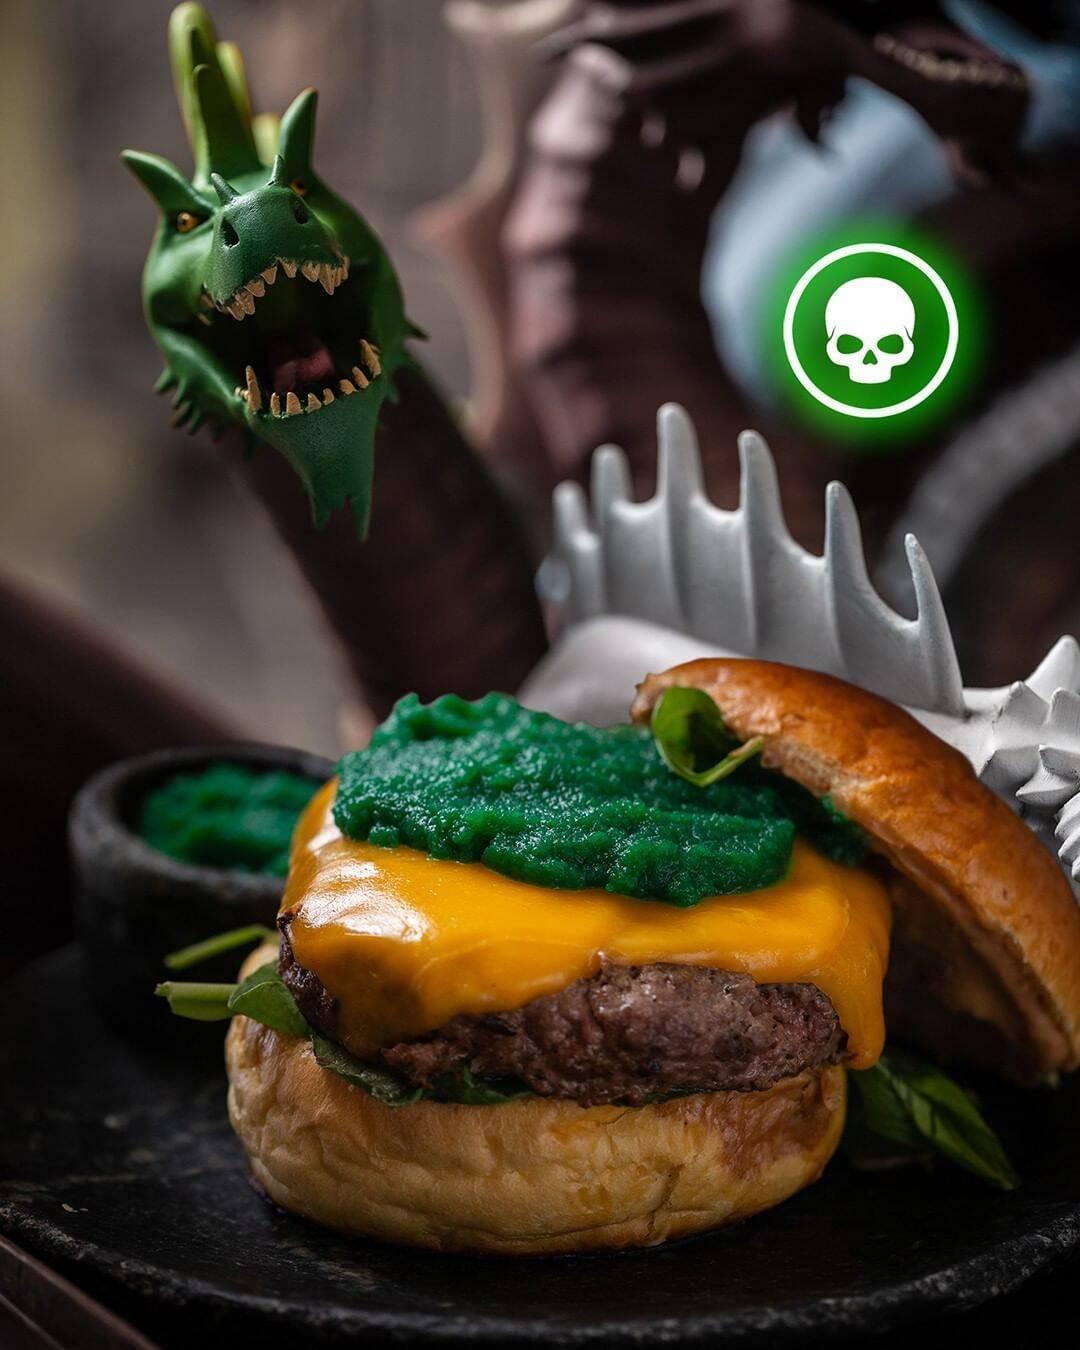 O Hambúrguer Cabeça Verde é um dos itens temáticos do cardápio. Foto: Reprodução/Instagram